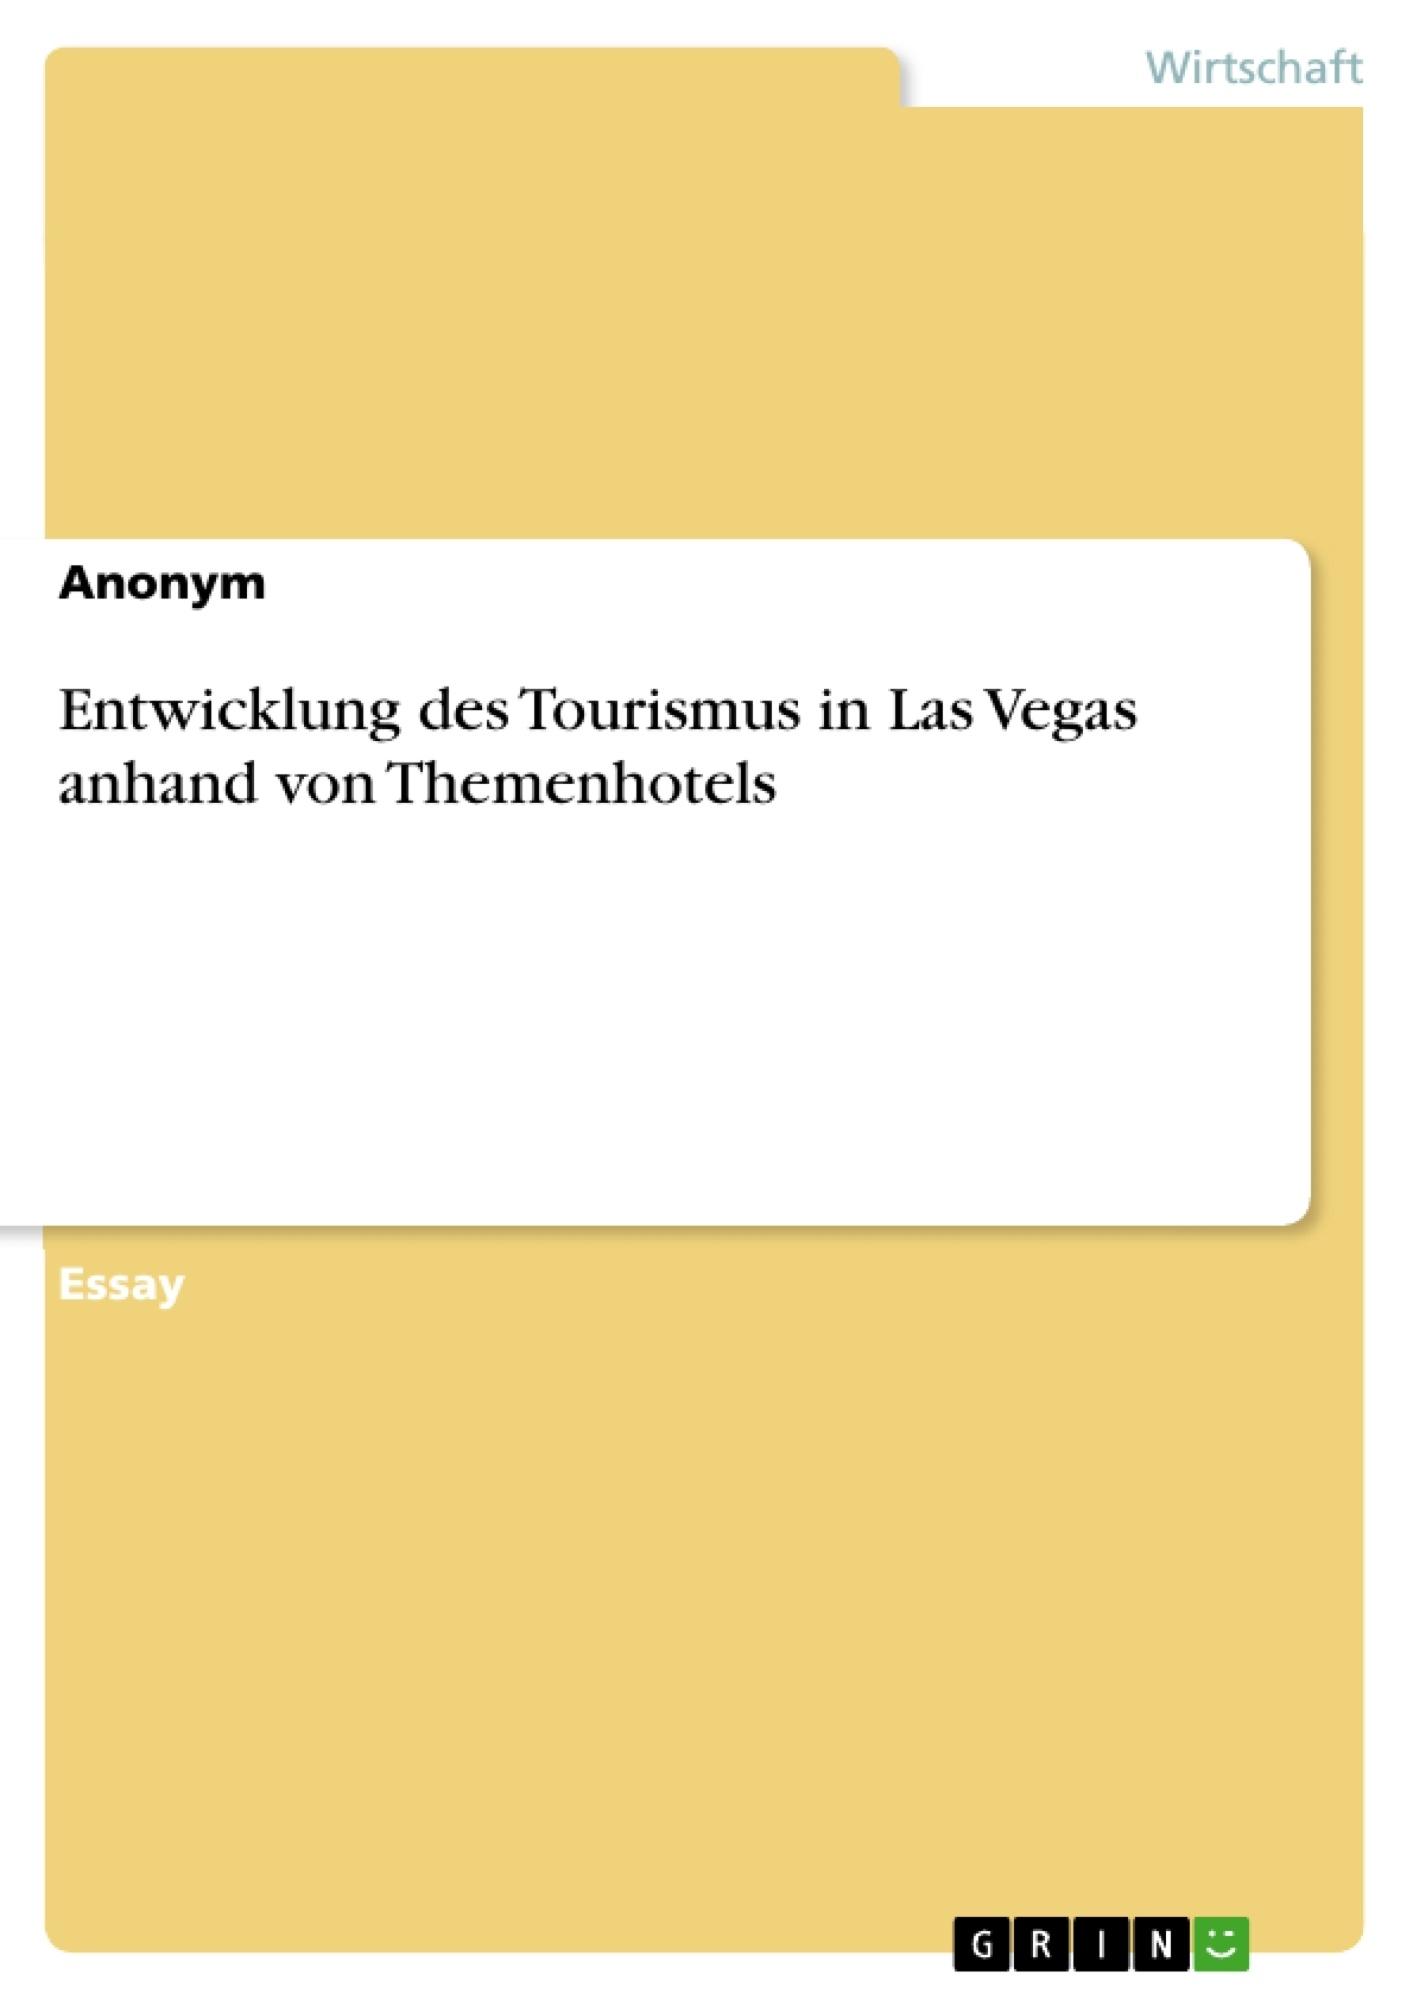 Titel: Entwicklung des Tourismus in Las Vegas anhand von Themenhotels